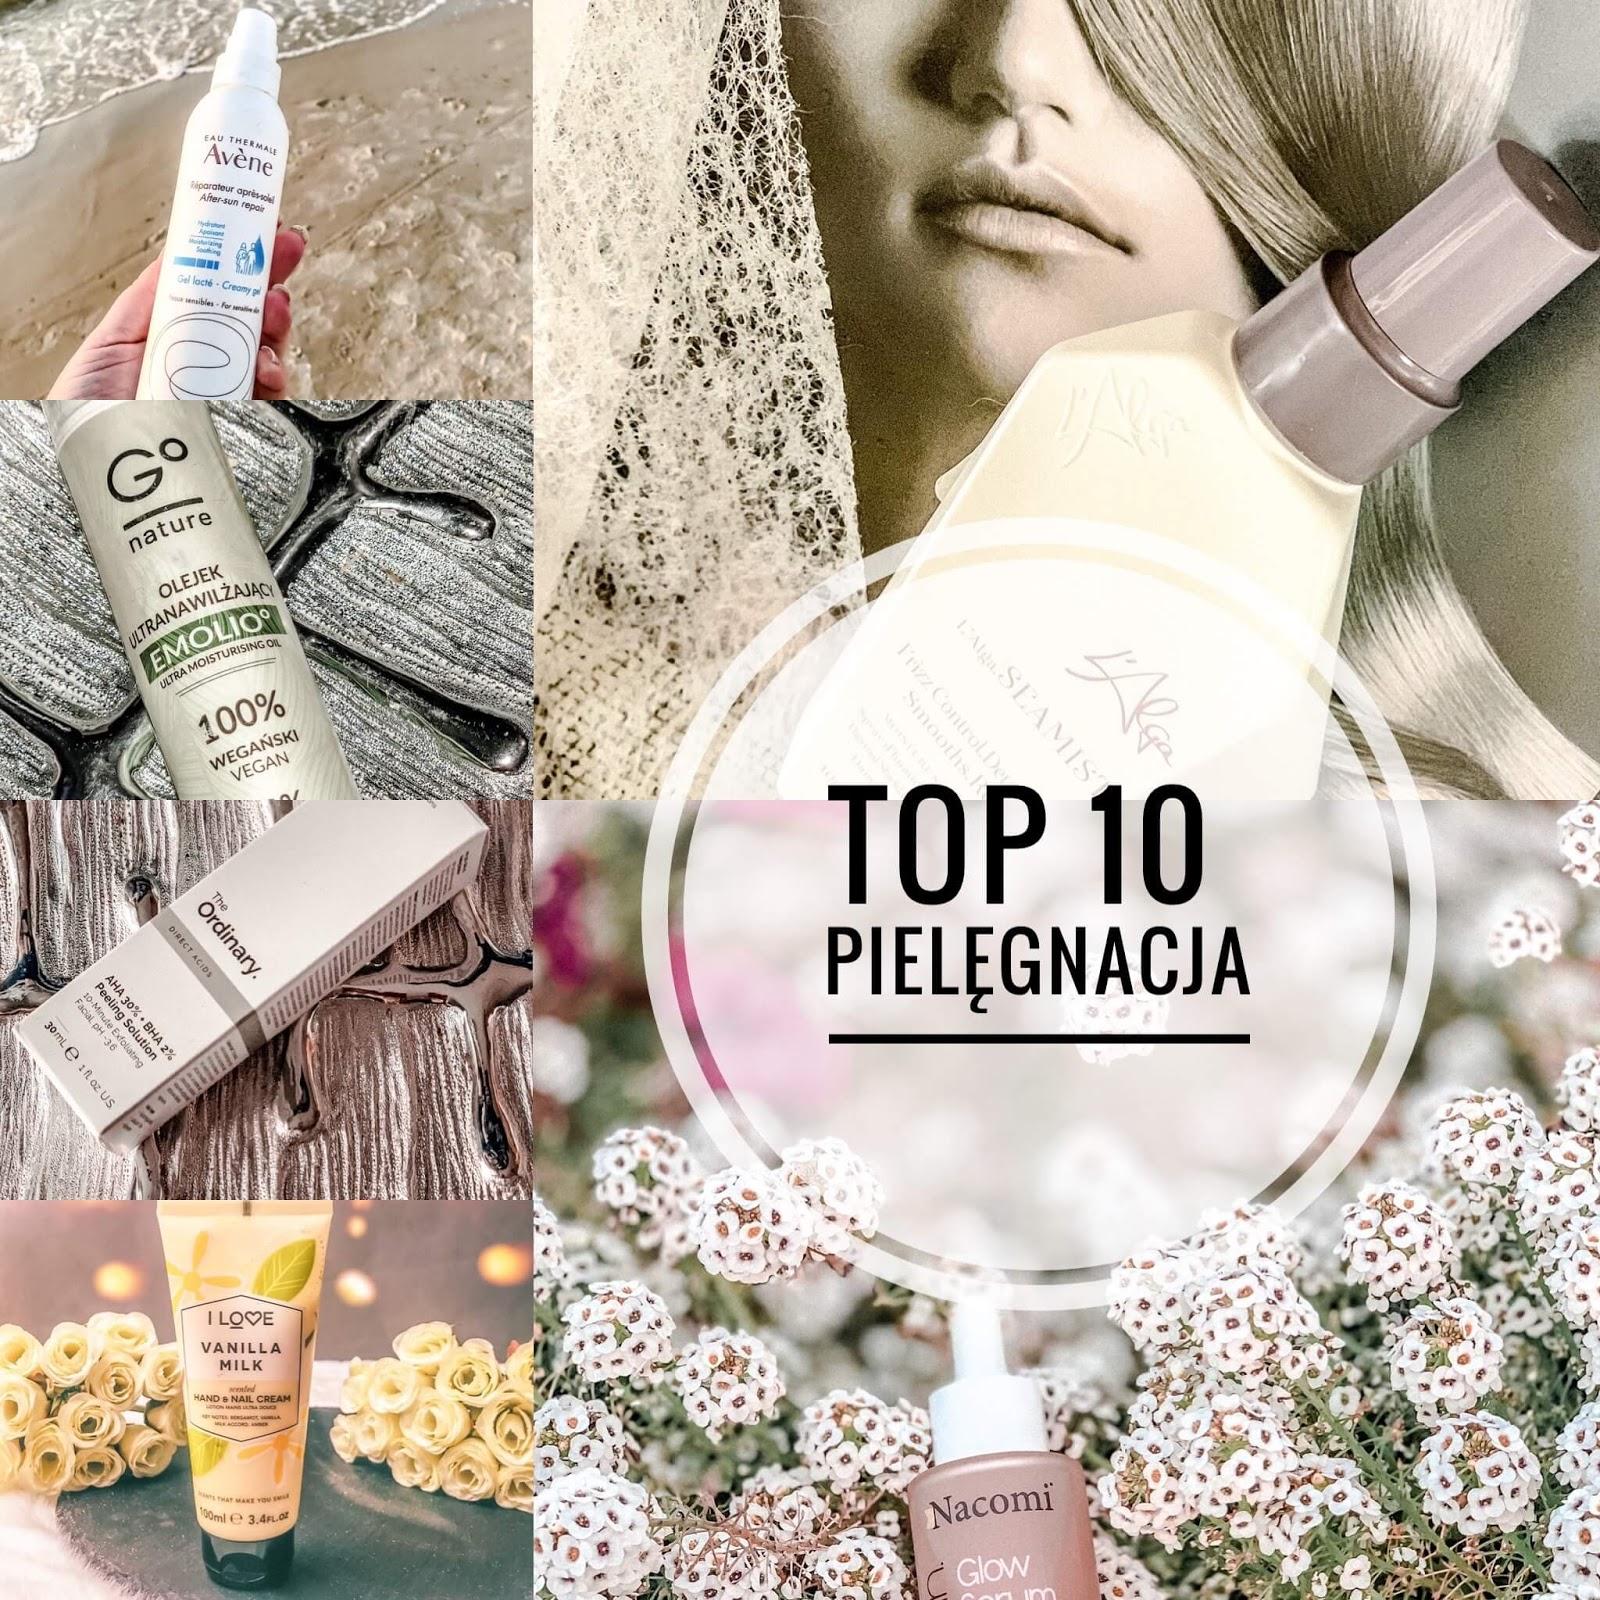 Moje TOP 10 2019 Pielęgnacja